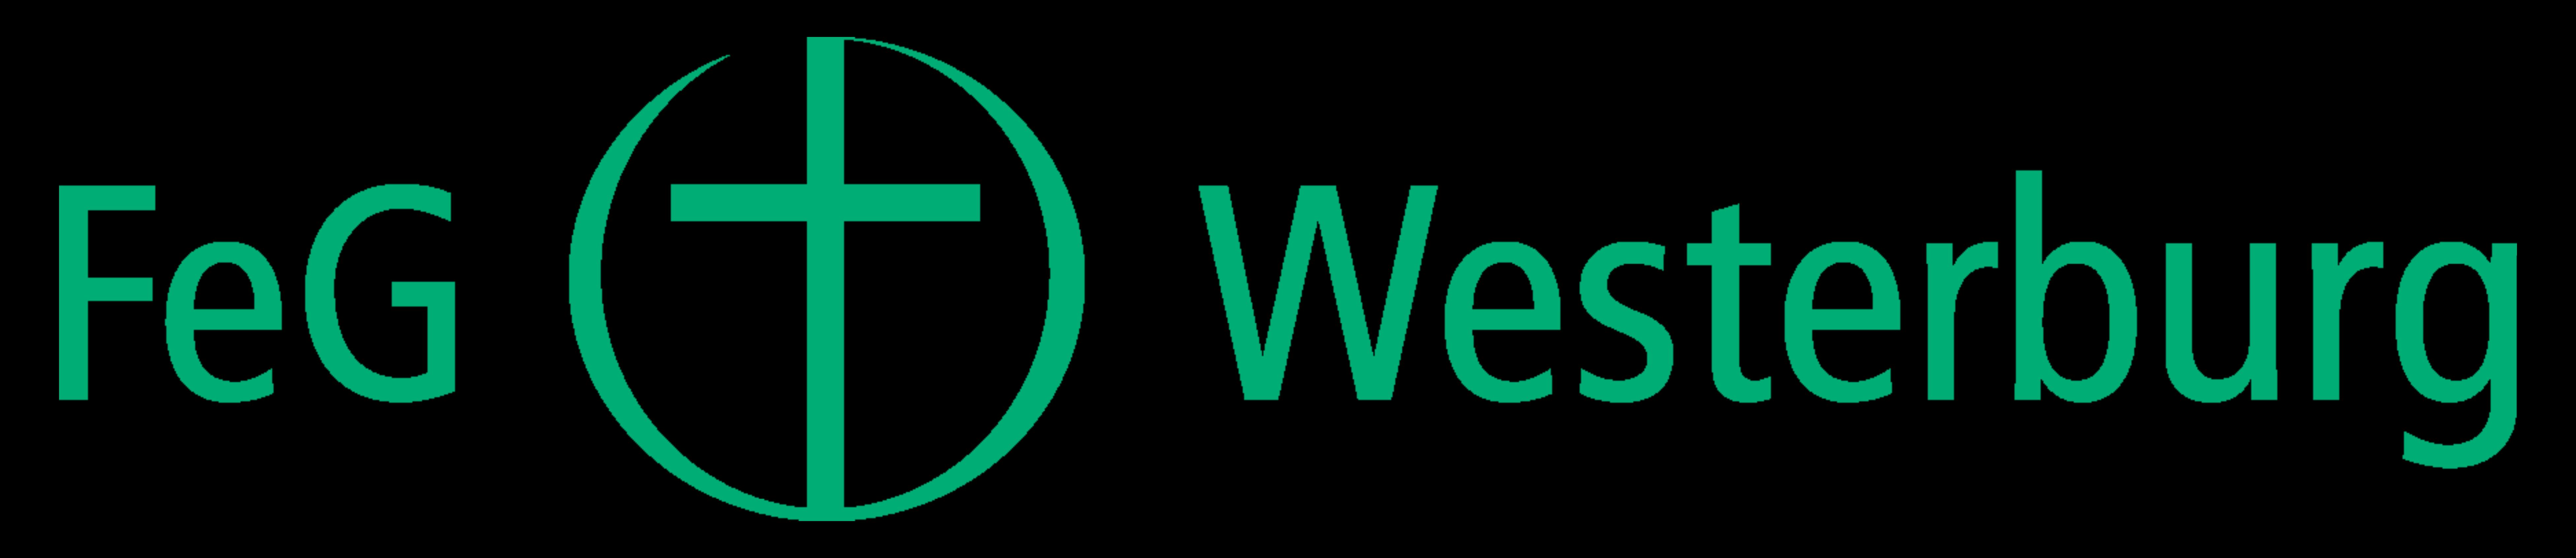 FeG Westerburg